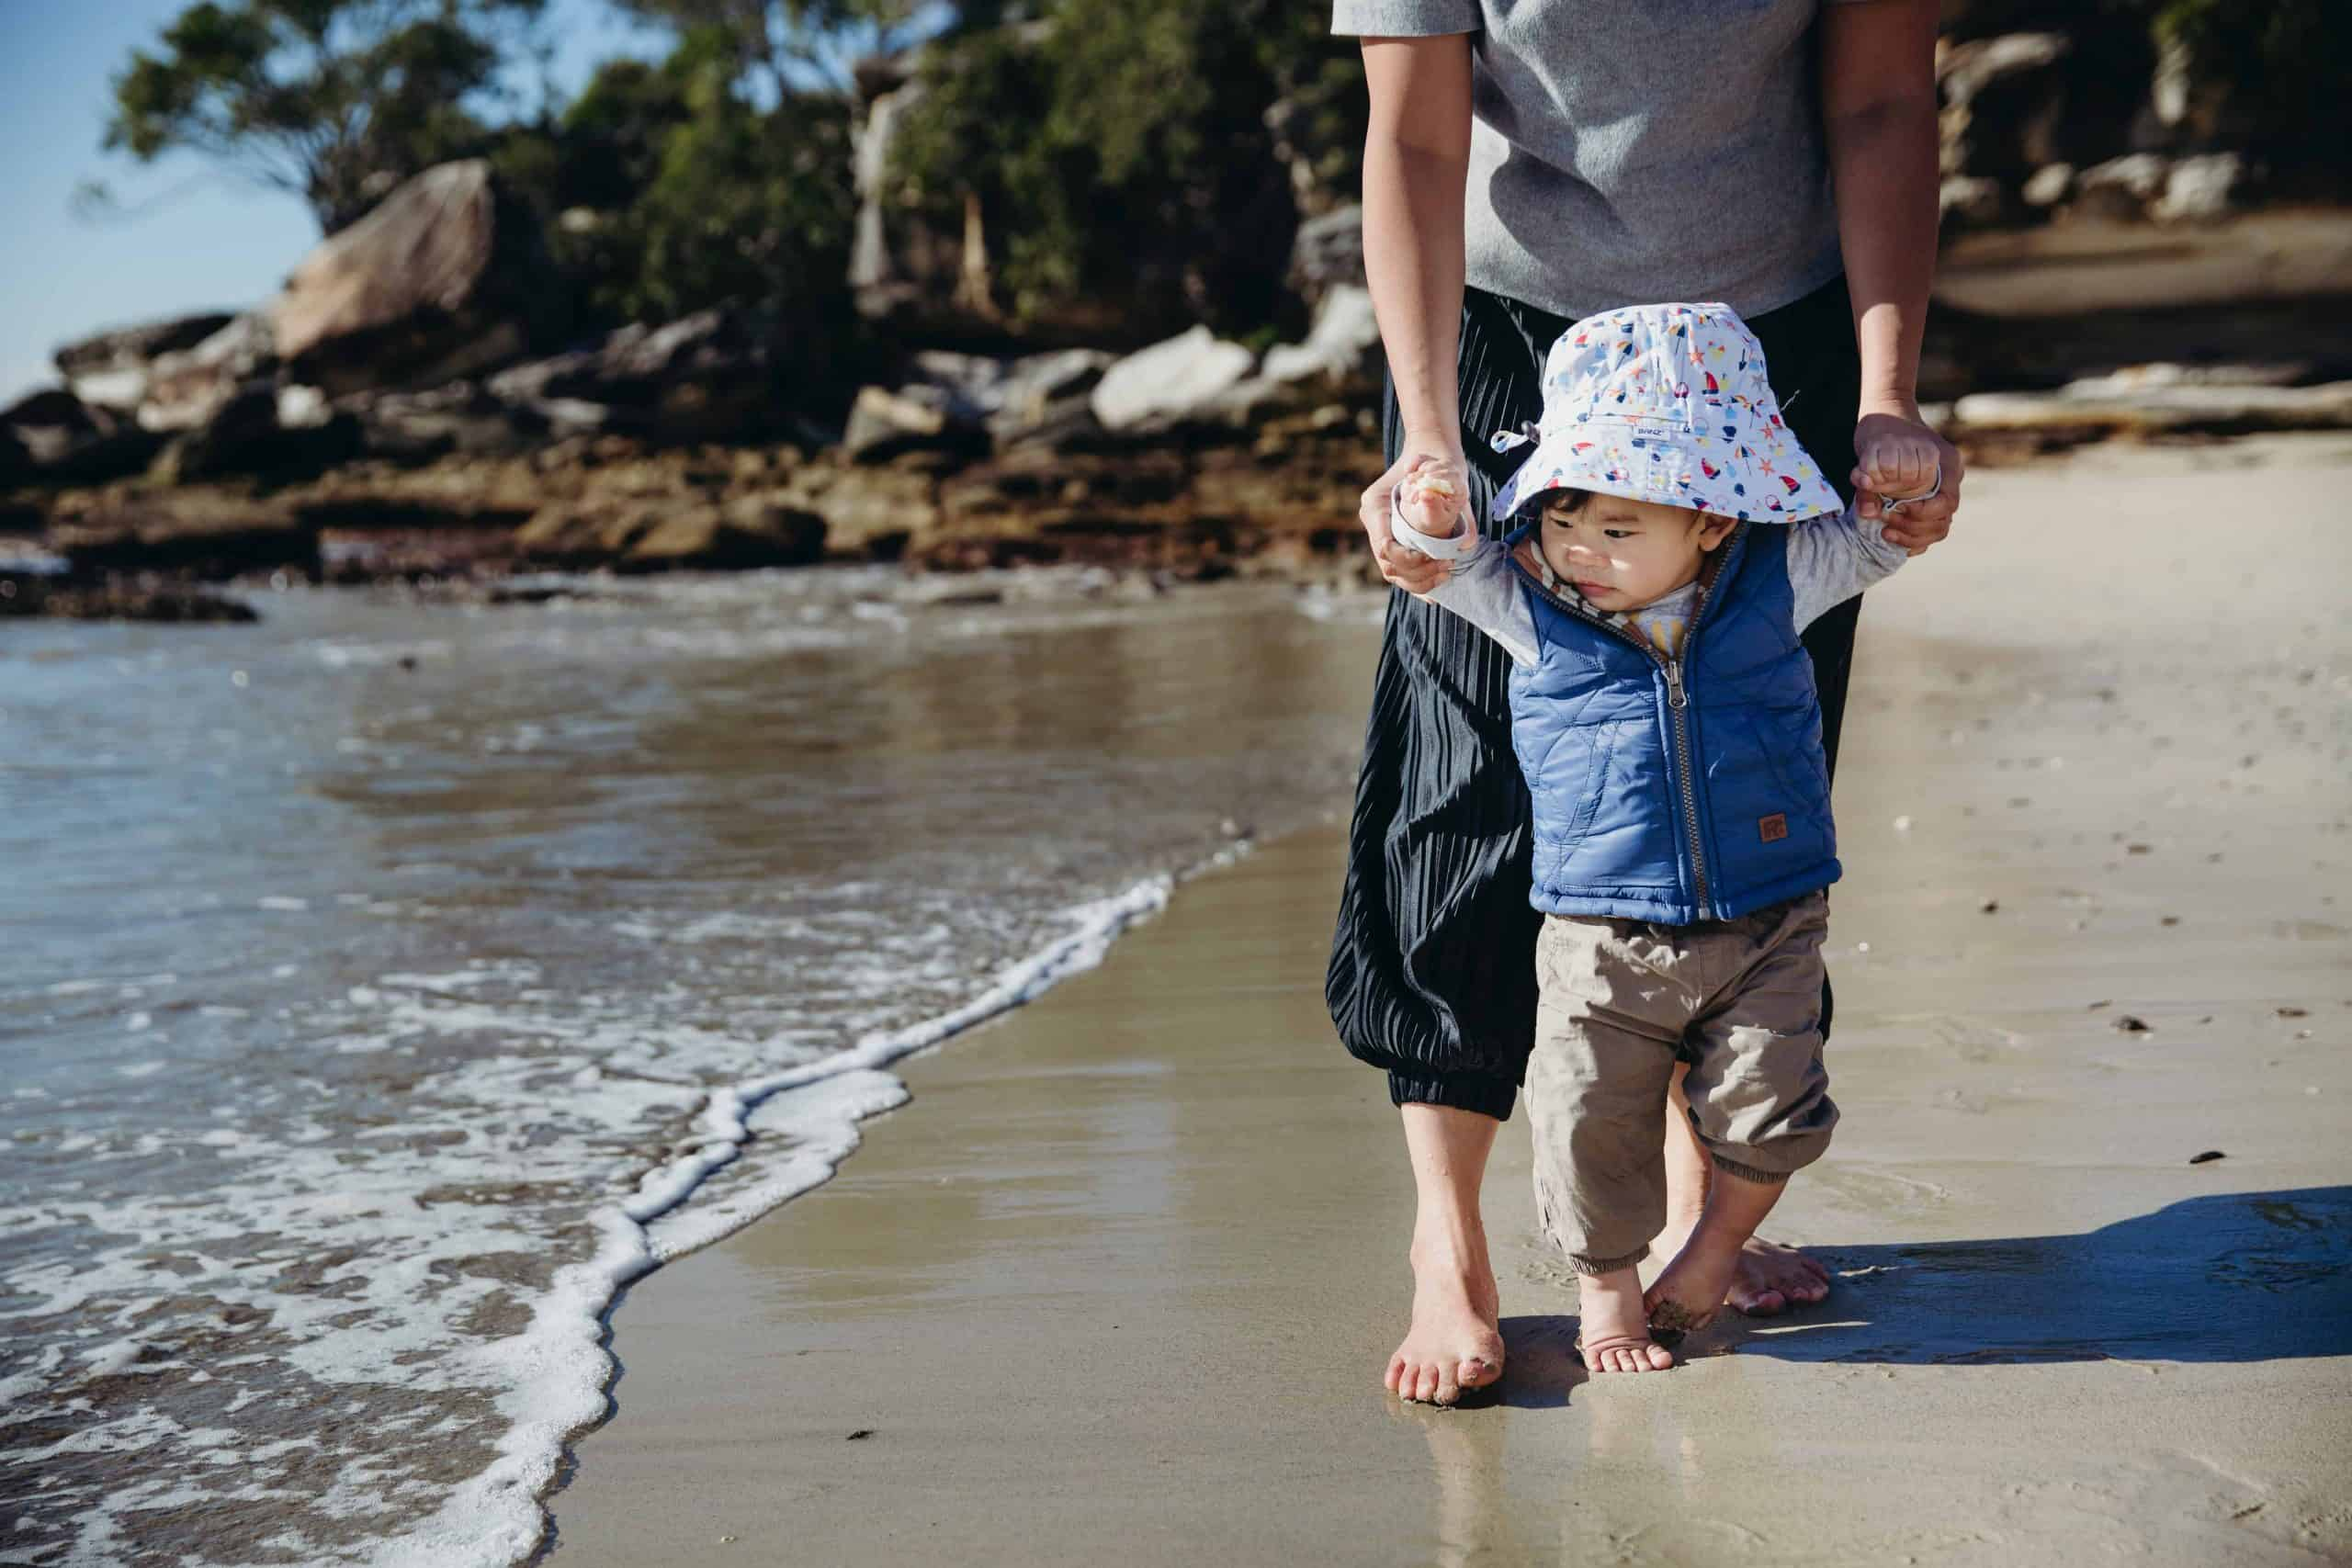 une femme promène un enfant sur la plage